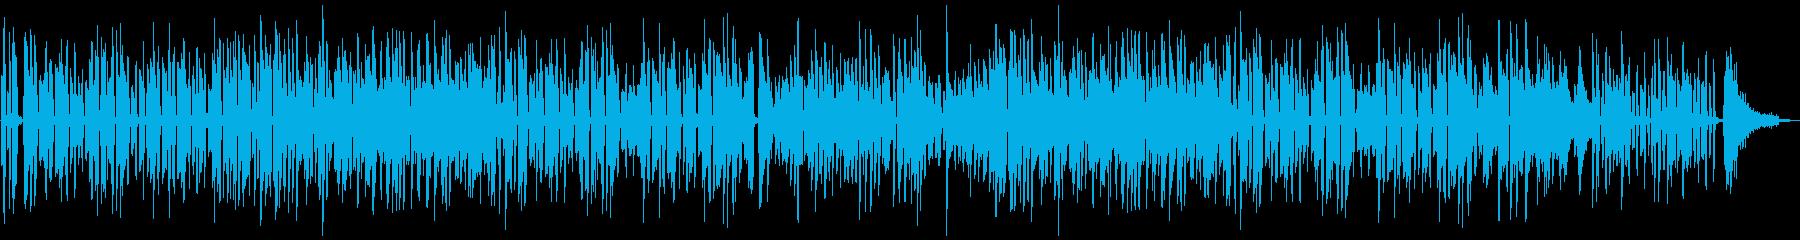 陽気な雰囲気のラグタイム風ピアノジャズの再生済みの波形